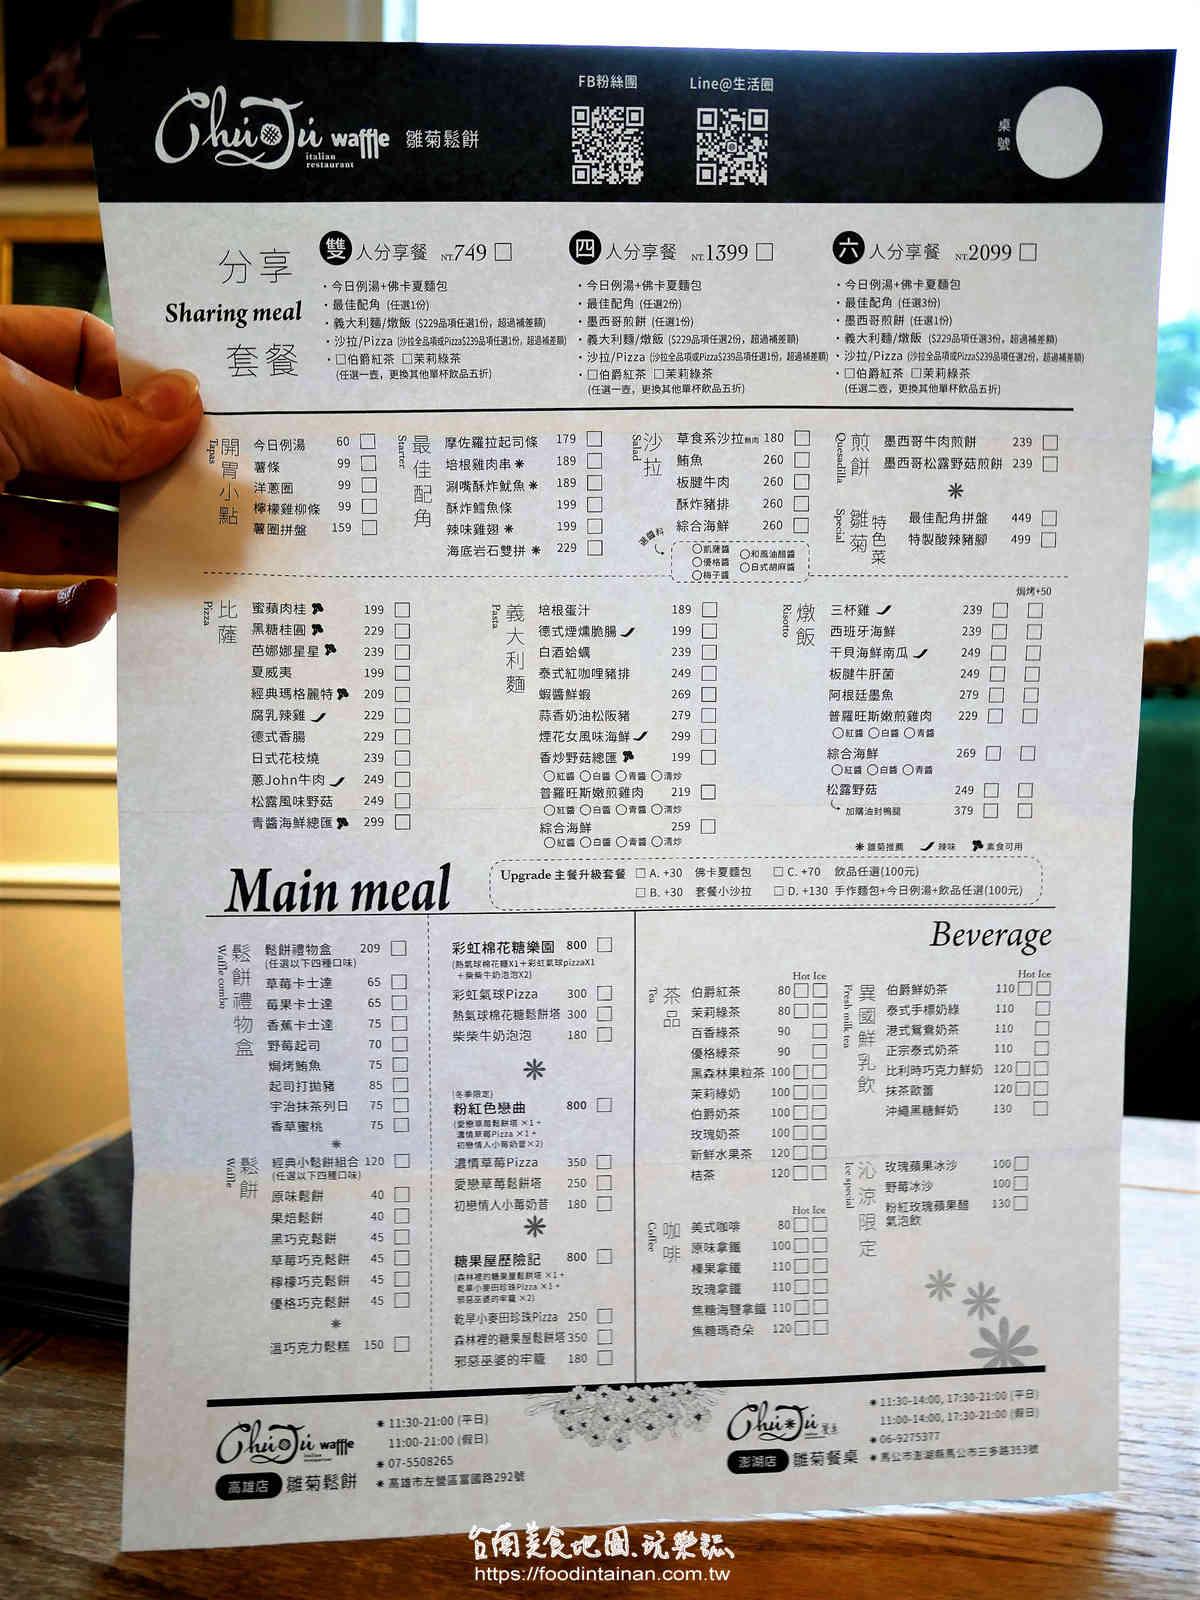 高雄推薦草莓甜點餐點義大利麵燉飯比利時鬆餅網紅網美店-Chuju waffle 雛菊鬆餅